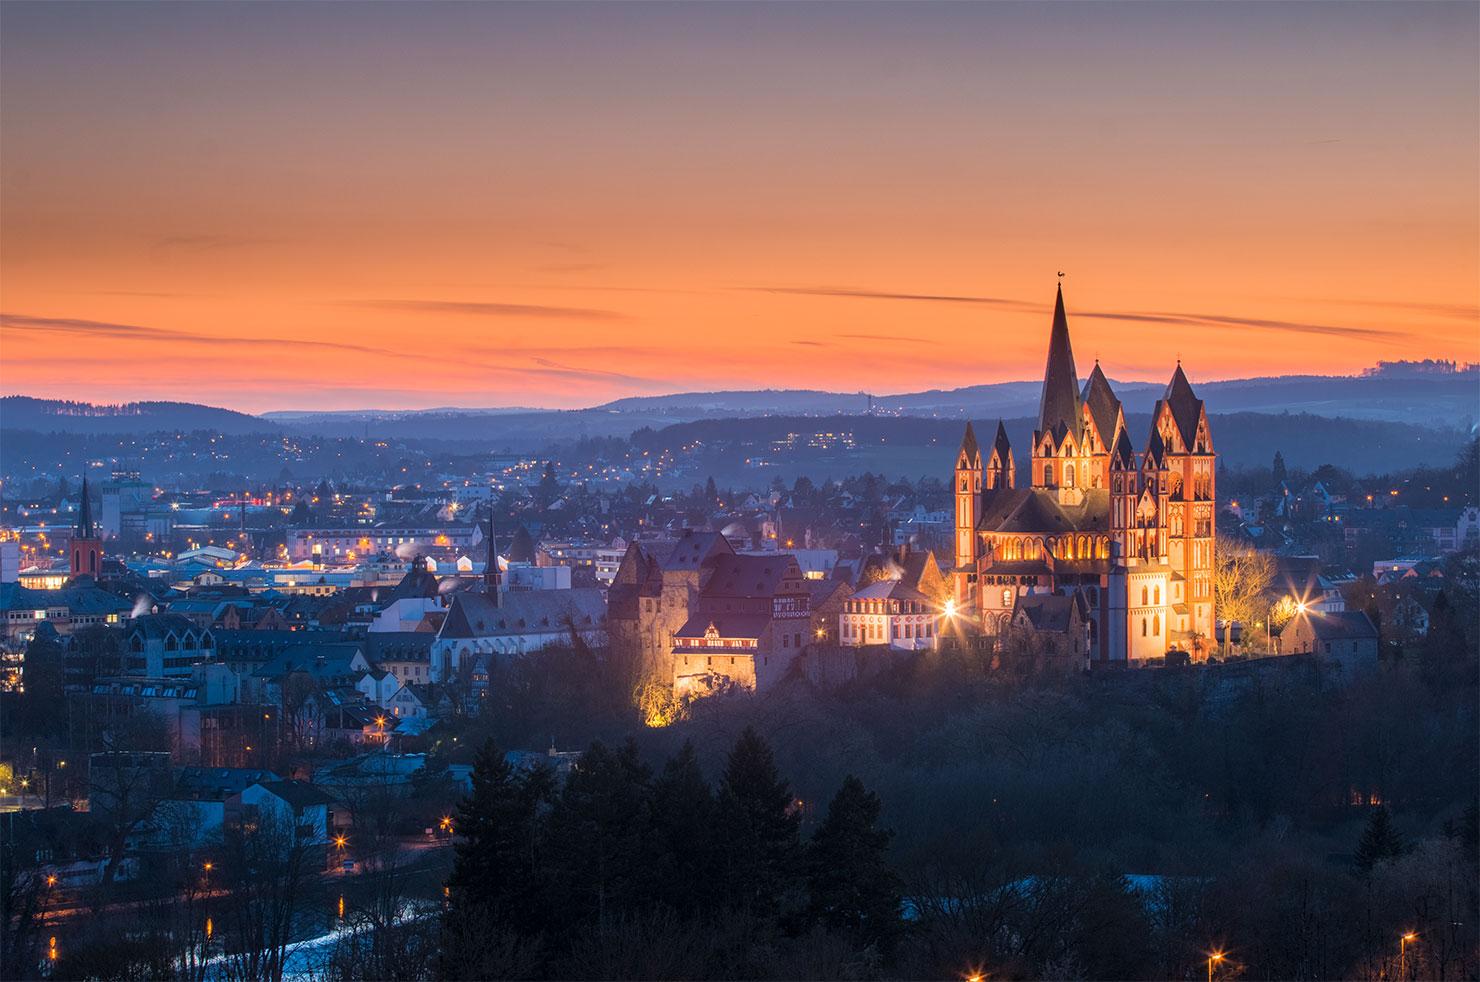 Limburg Lahn Abendrot